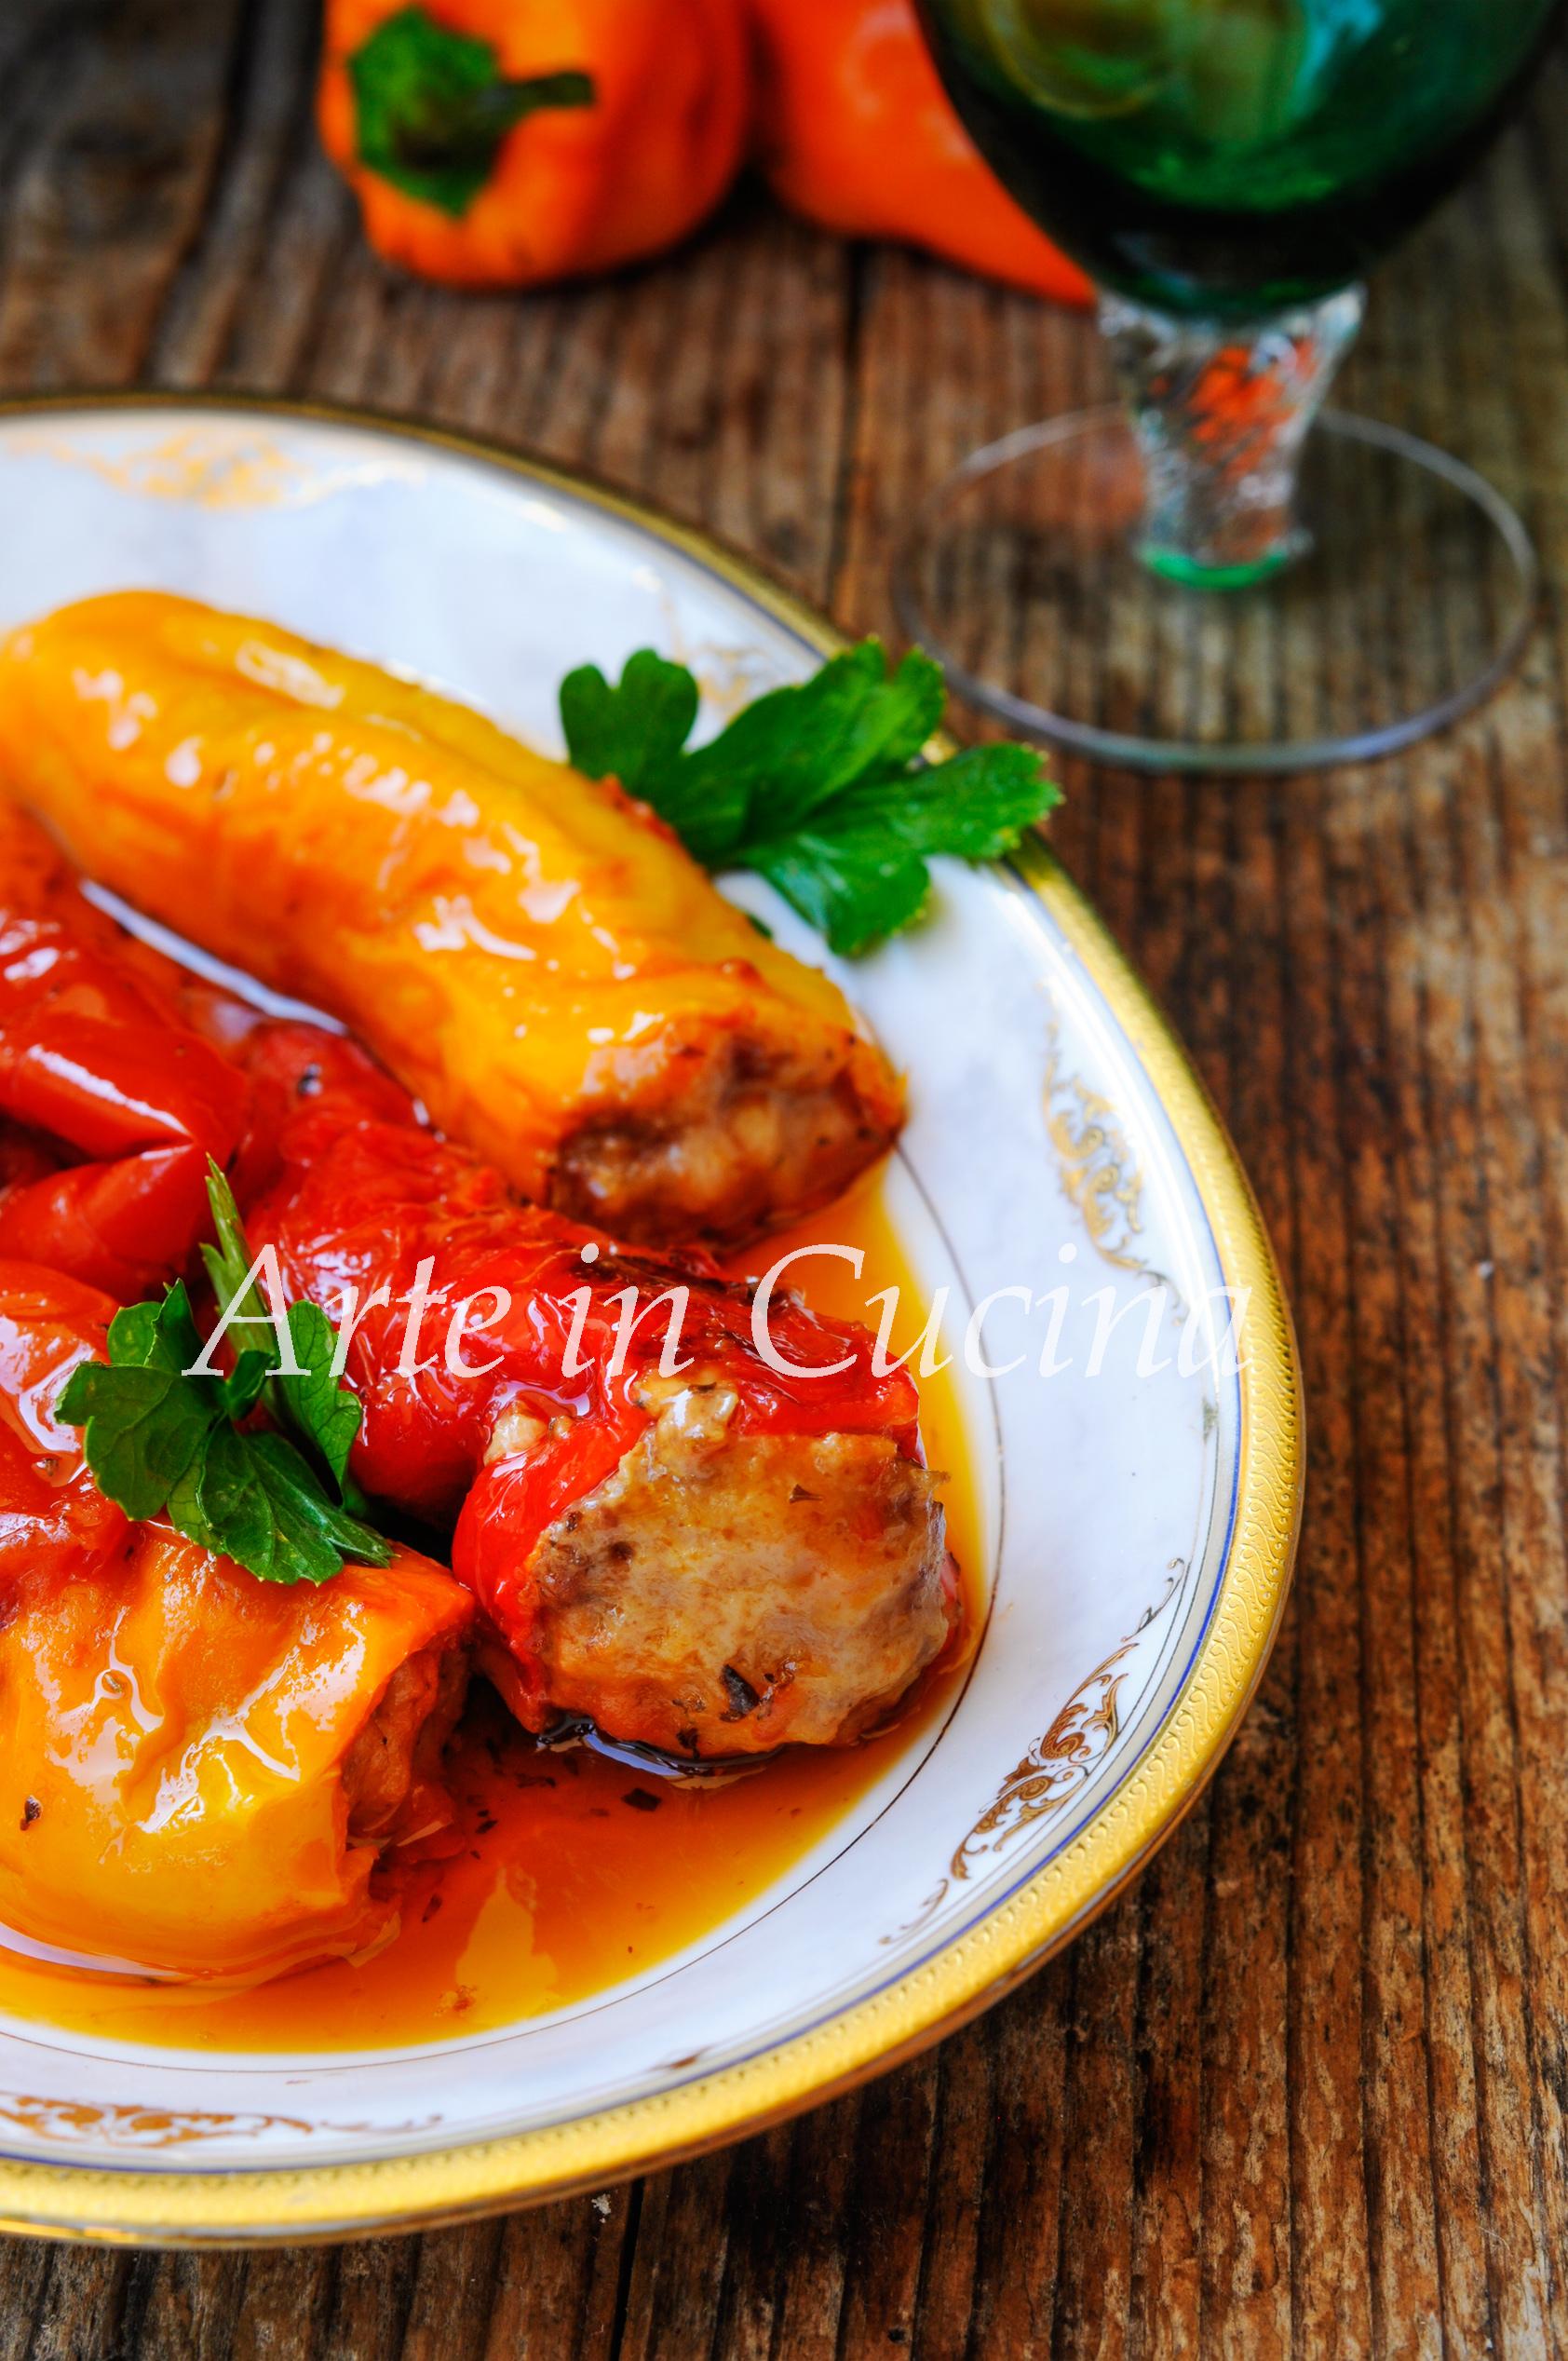 Peperoni cornetti ripieni di carne ricetta facile arte for Cucina facile ricette